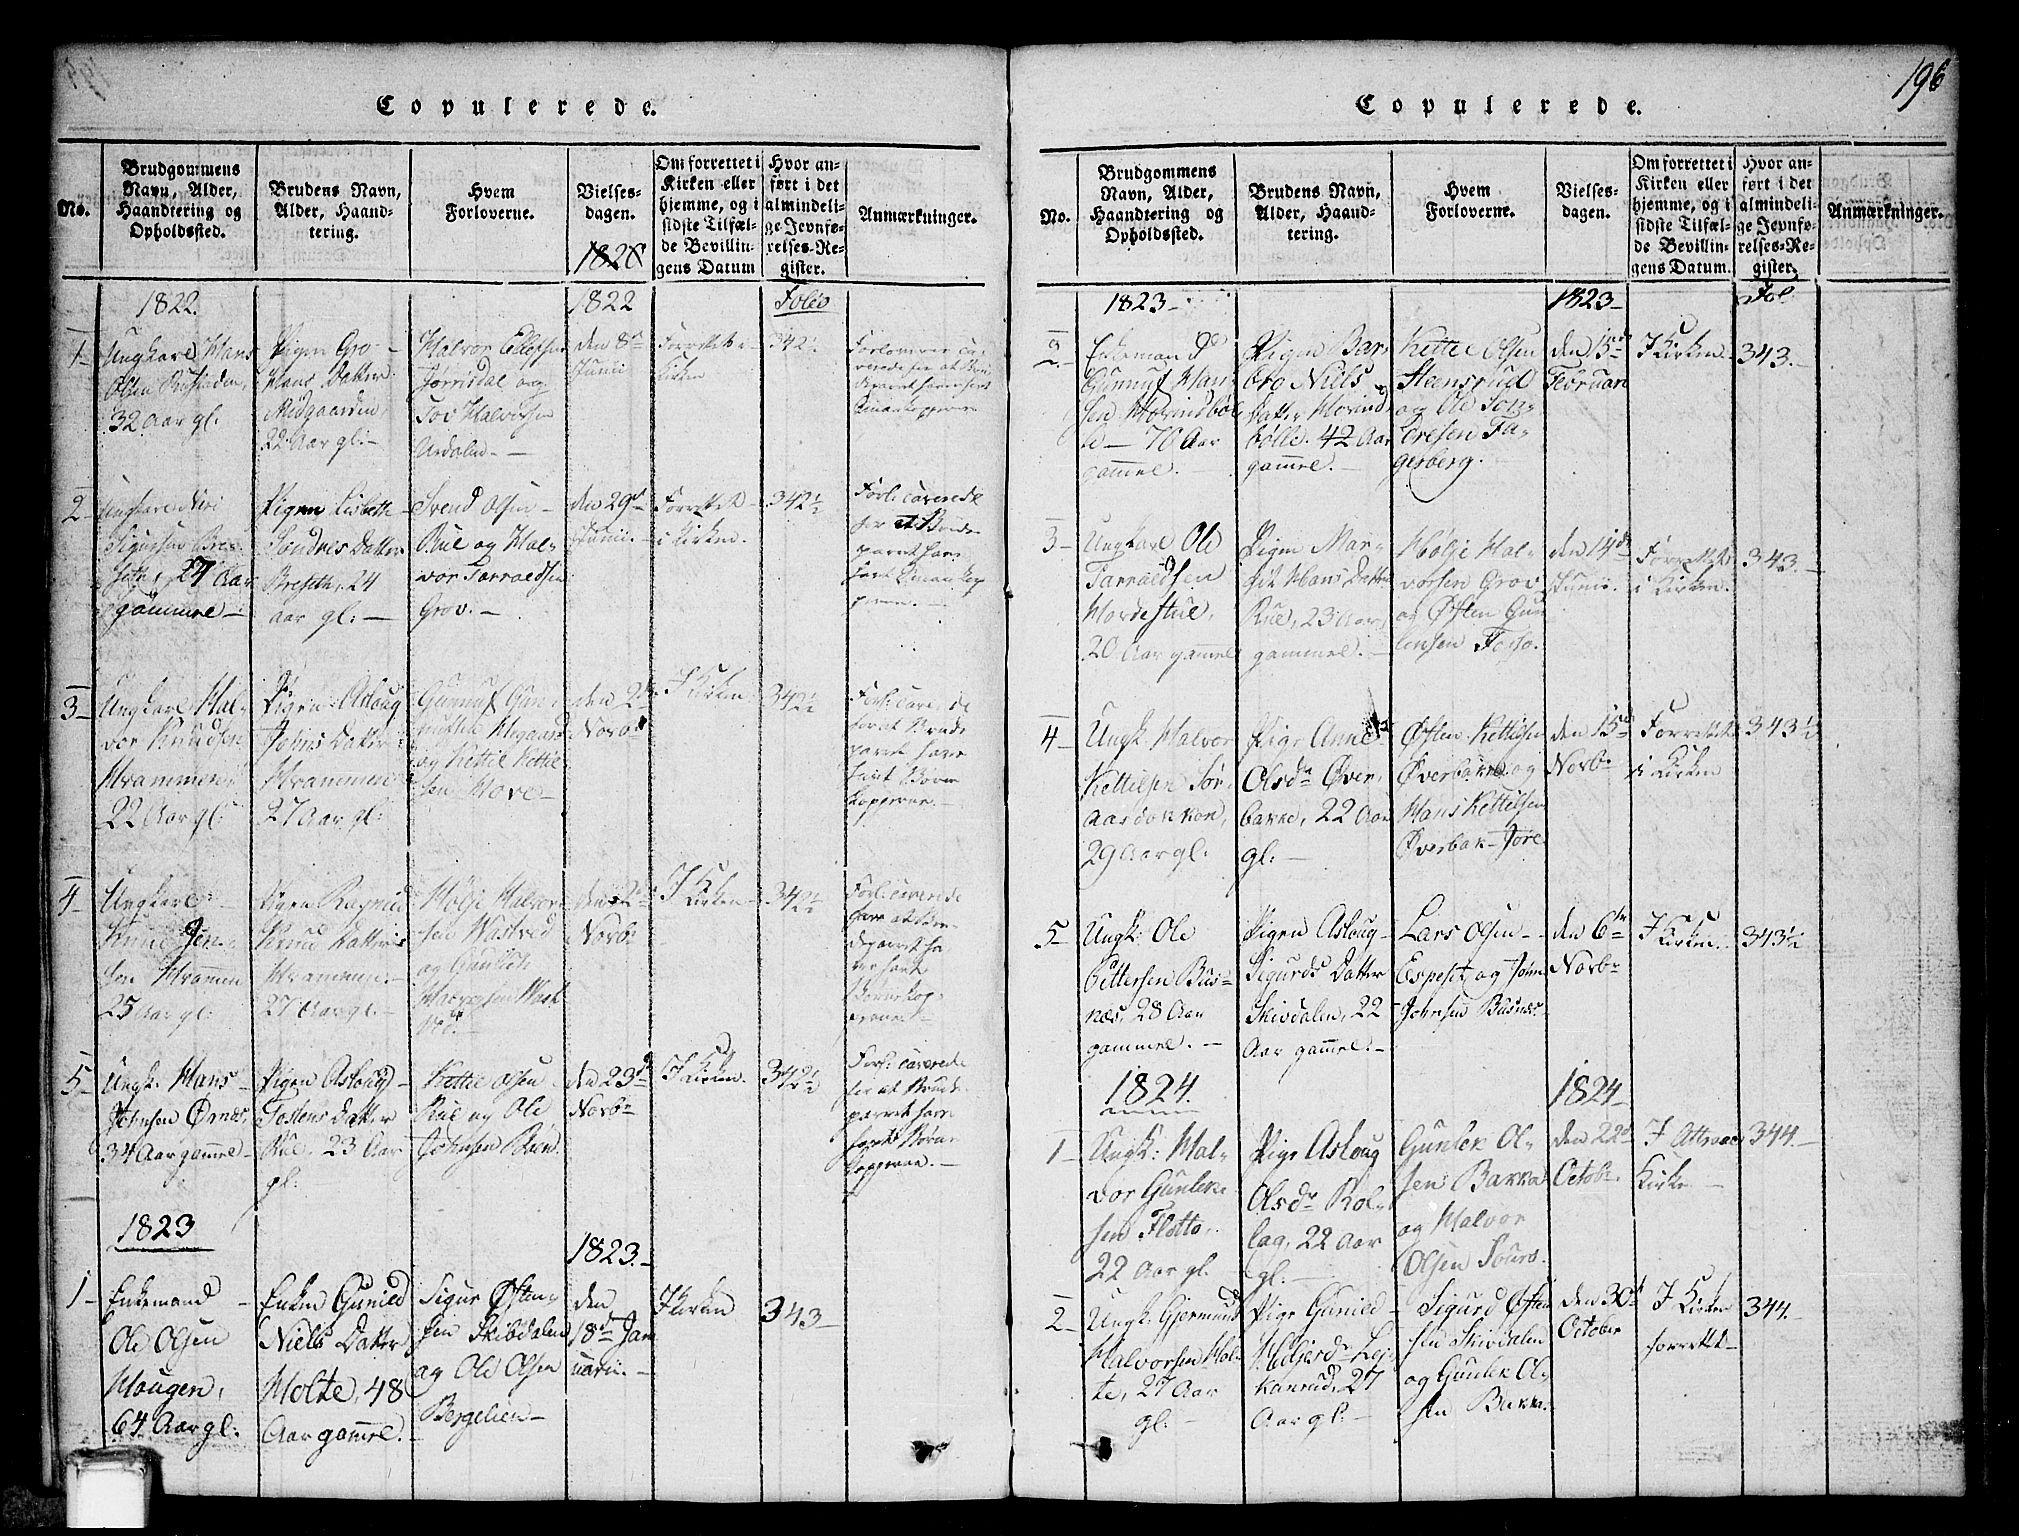 SAKO, Gransherad kirkebøker, G/Gb/L0001: Klokkerbok nr. II 1, 1815-1860, s. 196